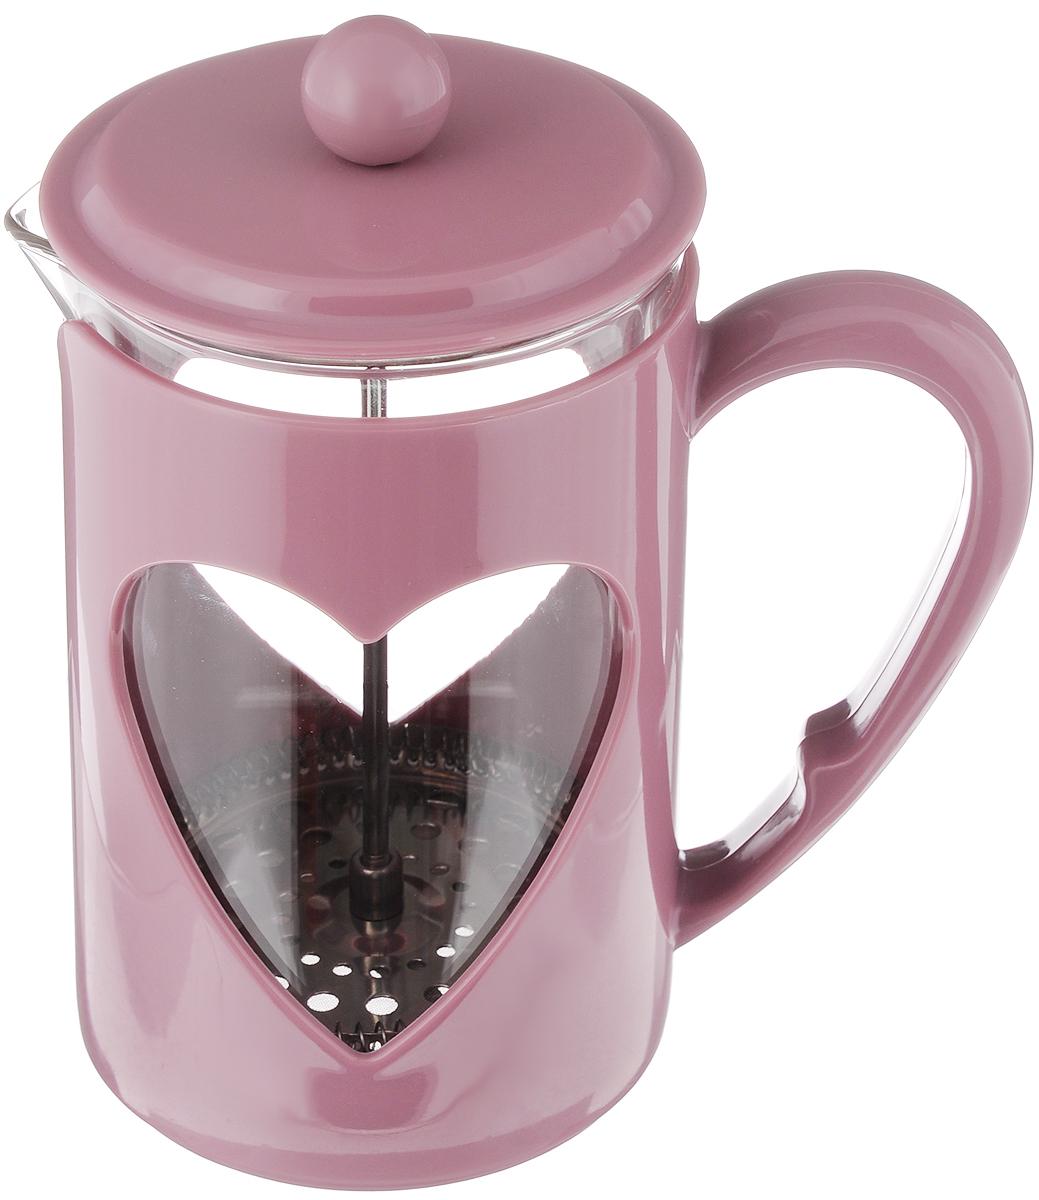 Френч-пресс Mayer & Boch, цвет: пепельно-розовый, прозрачный, 800 мл. 2322623226_ пепельно-розовыйФренч-пресс Mayer & Boch  изготовлен из высококачественного пластика, нержавеющей стали и жаропрочного стекла. Фильтр-поршень из нержавеющей стали выполнен по технологии press-up для обеспечения равномерной циркуляции воды. Засыпая чайную заварку или кофе под фильтр, заливая горячей водой, вы получаете ароматный напиток с оптимальной крепостью и насыщенностью. Остановить процесс заваривания легко, для этого нужно просто опустить поршень, и все уйдет вниз, оставляя вверху напиток, готовый к употреблению.Френч-пресс Mayer & Boch позволит быстро и просто приготовить свежий и ароматный кофе или чай.